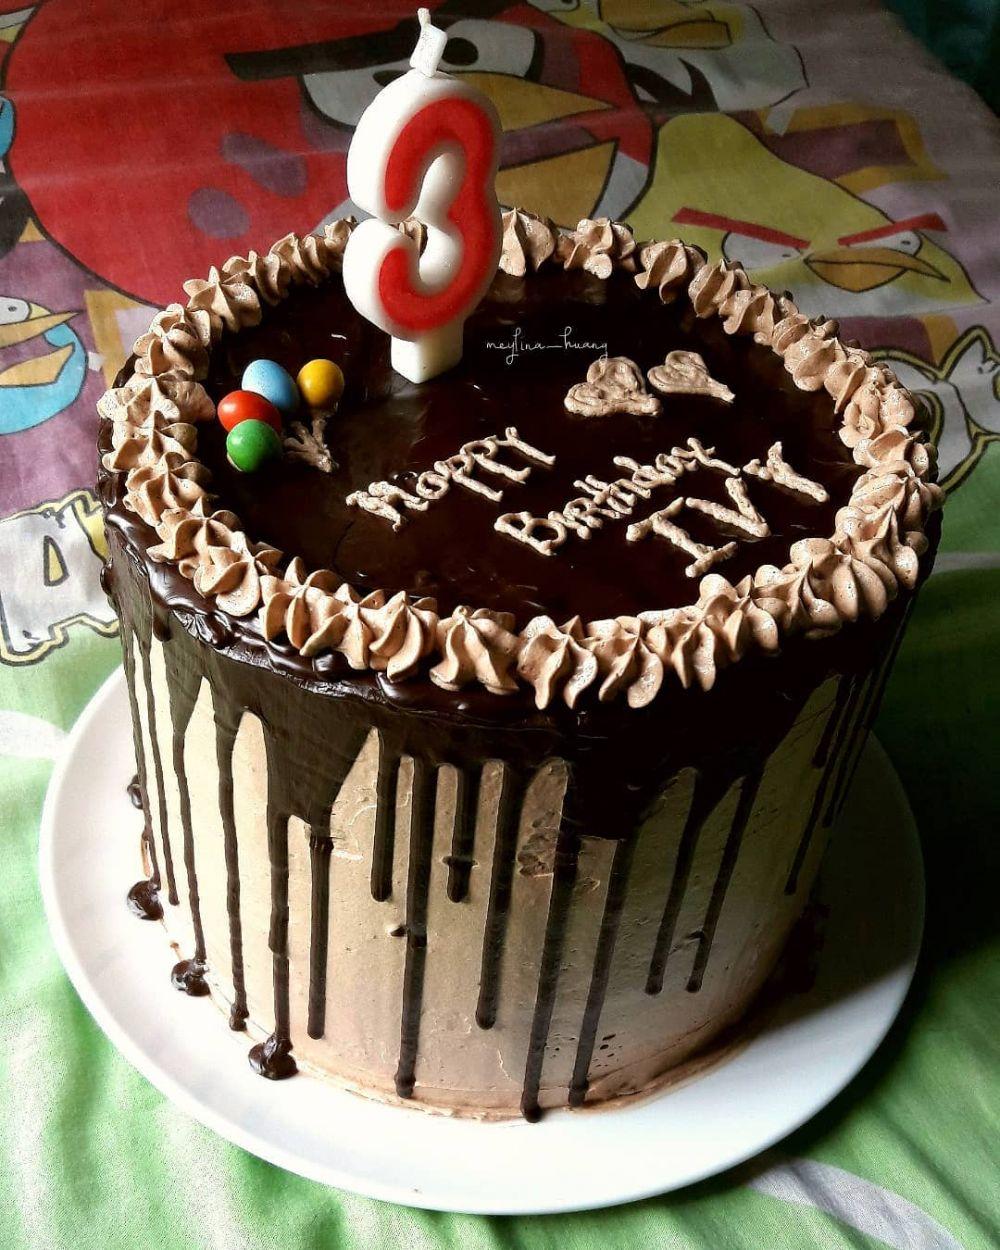 10 Cara Membuat Kue Ulang Tahun Enak Sederhana Dan Cantik